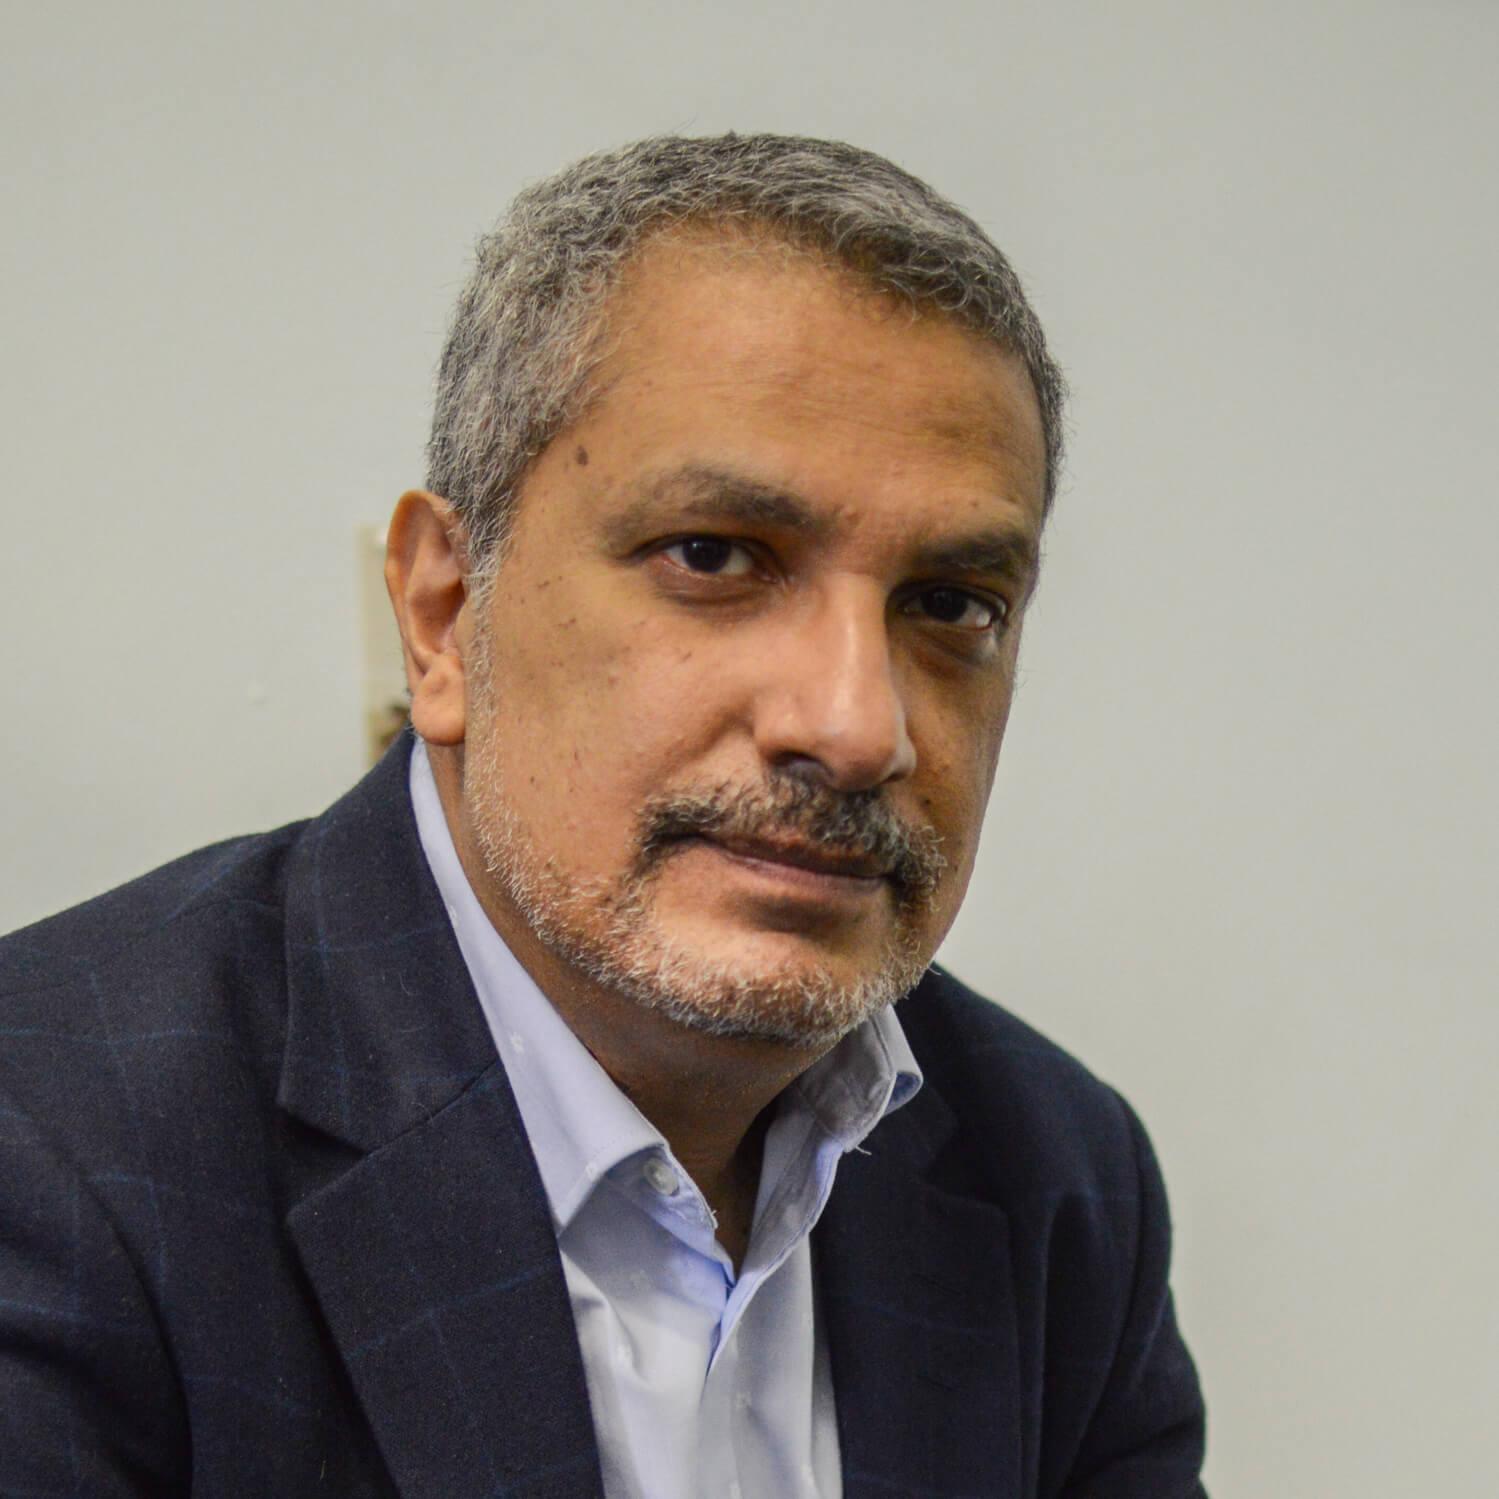 Dr. Kamal Al-Solaylee